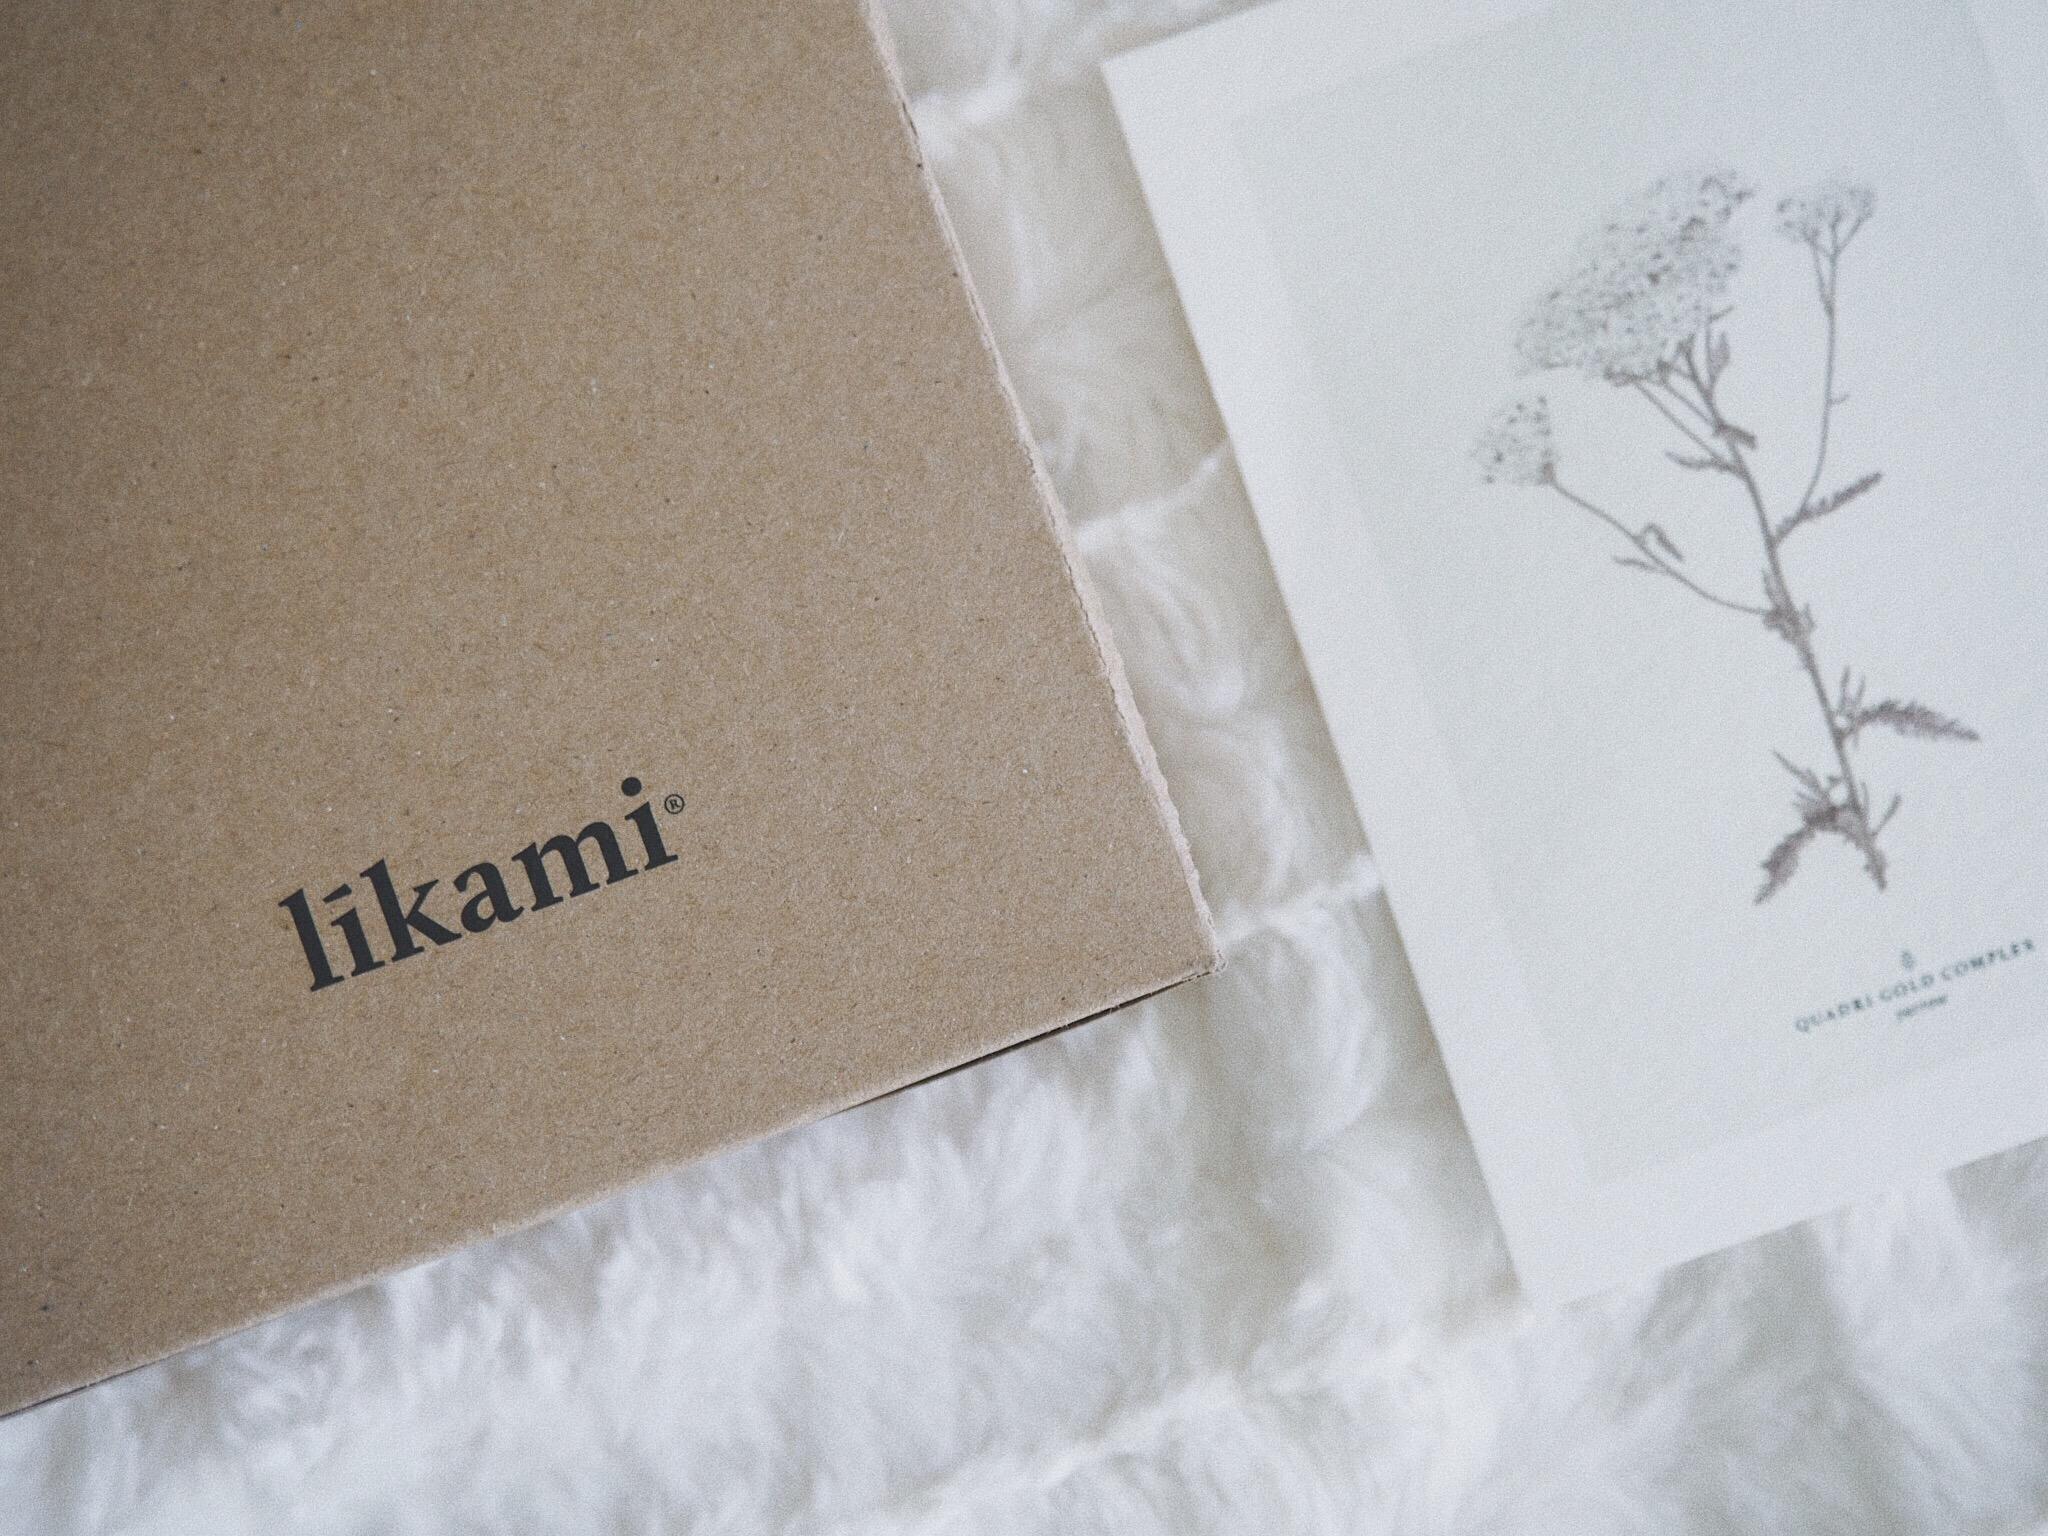 Likami Belgisch beautylabel